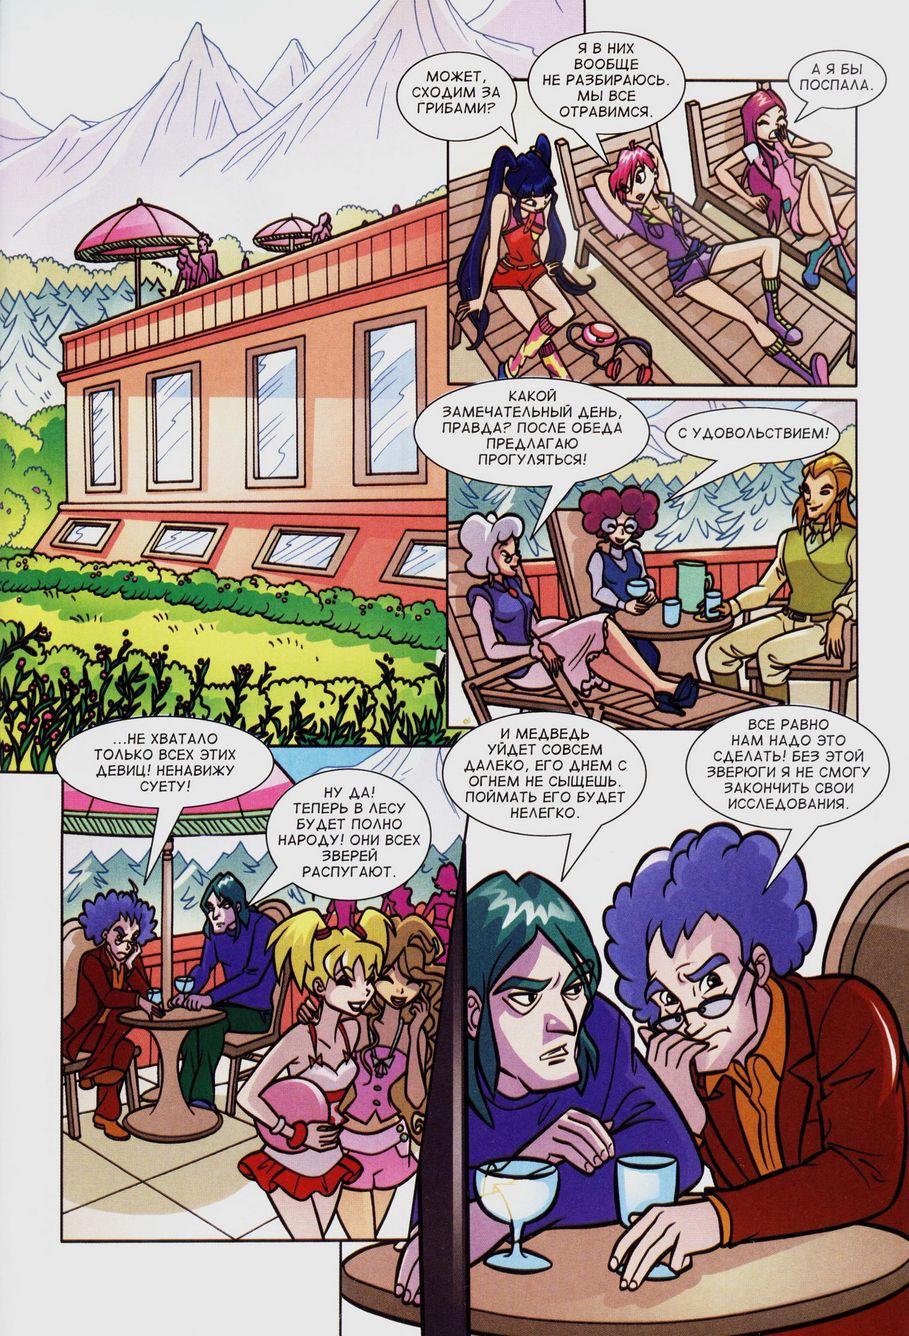 Комикс Винкс Winx - Надежда и разочарование (Журнал Винкс №5 2011) - стр. 31